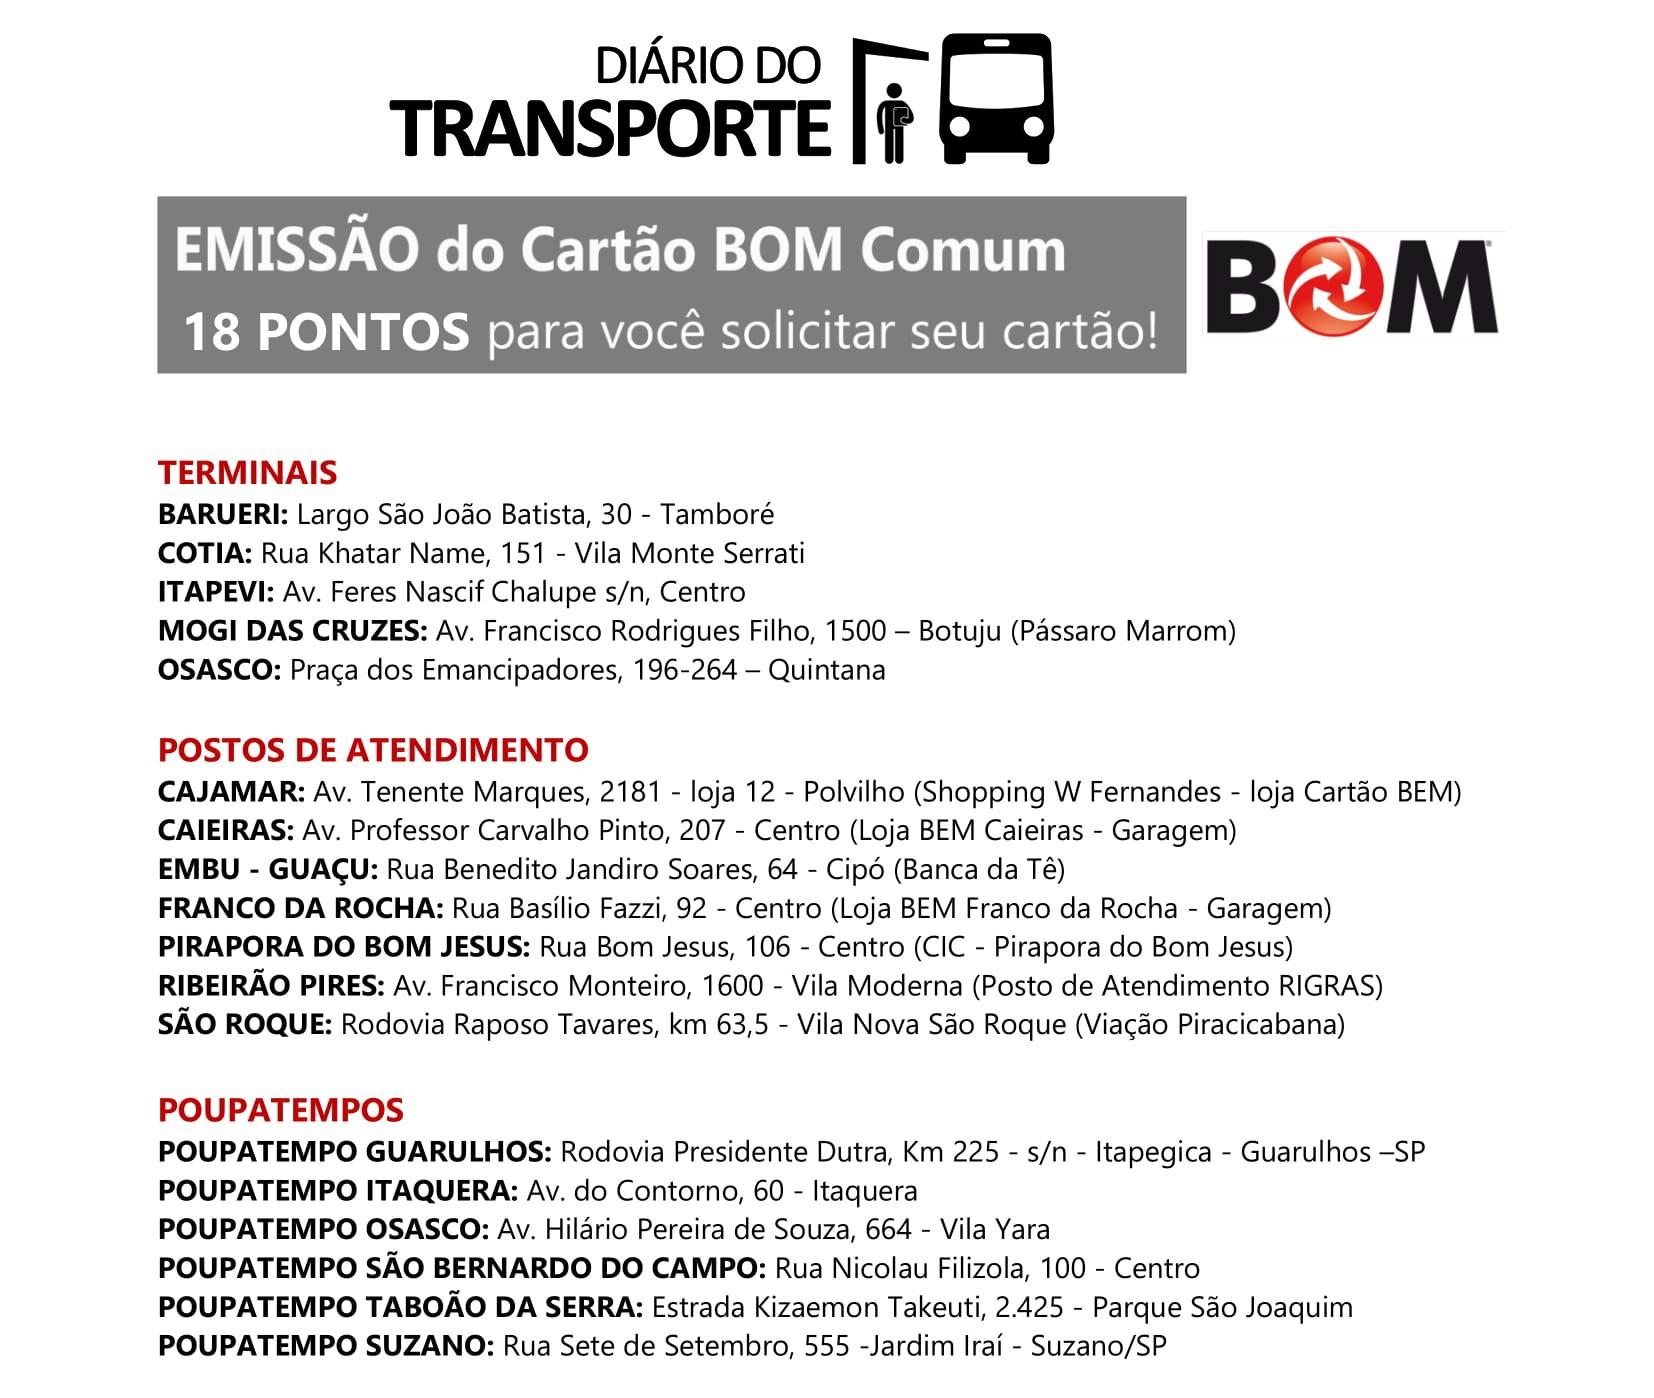 Emissão BOM Comum - Locais 10072018-1